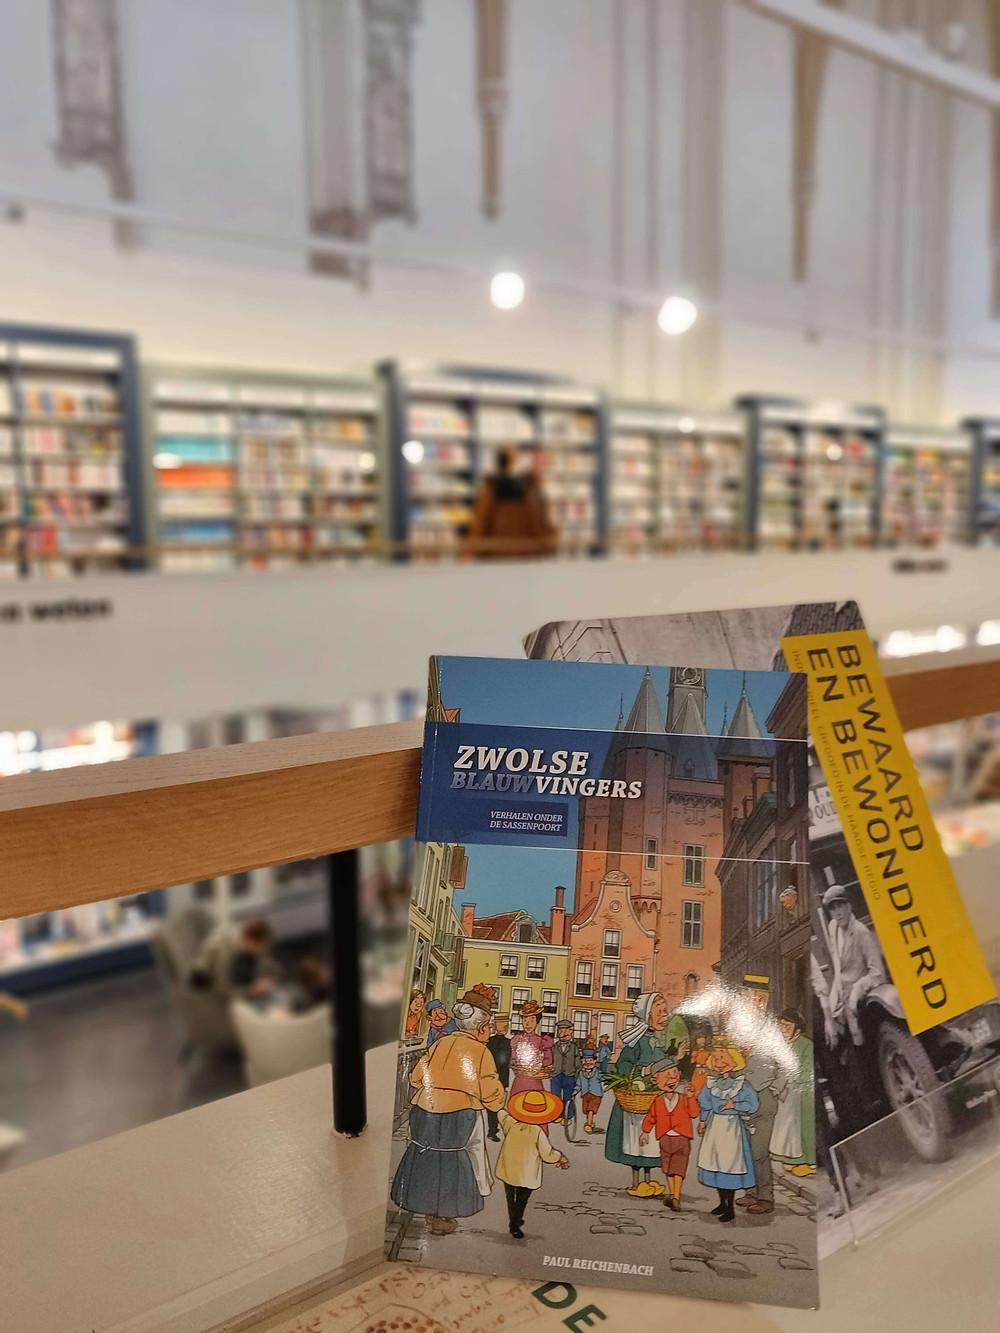 הספר המספר את סיפור האצבעות הכחולות של אנשי העיר על רקע חנות הספרים בכנסייה